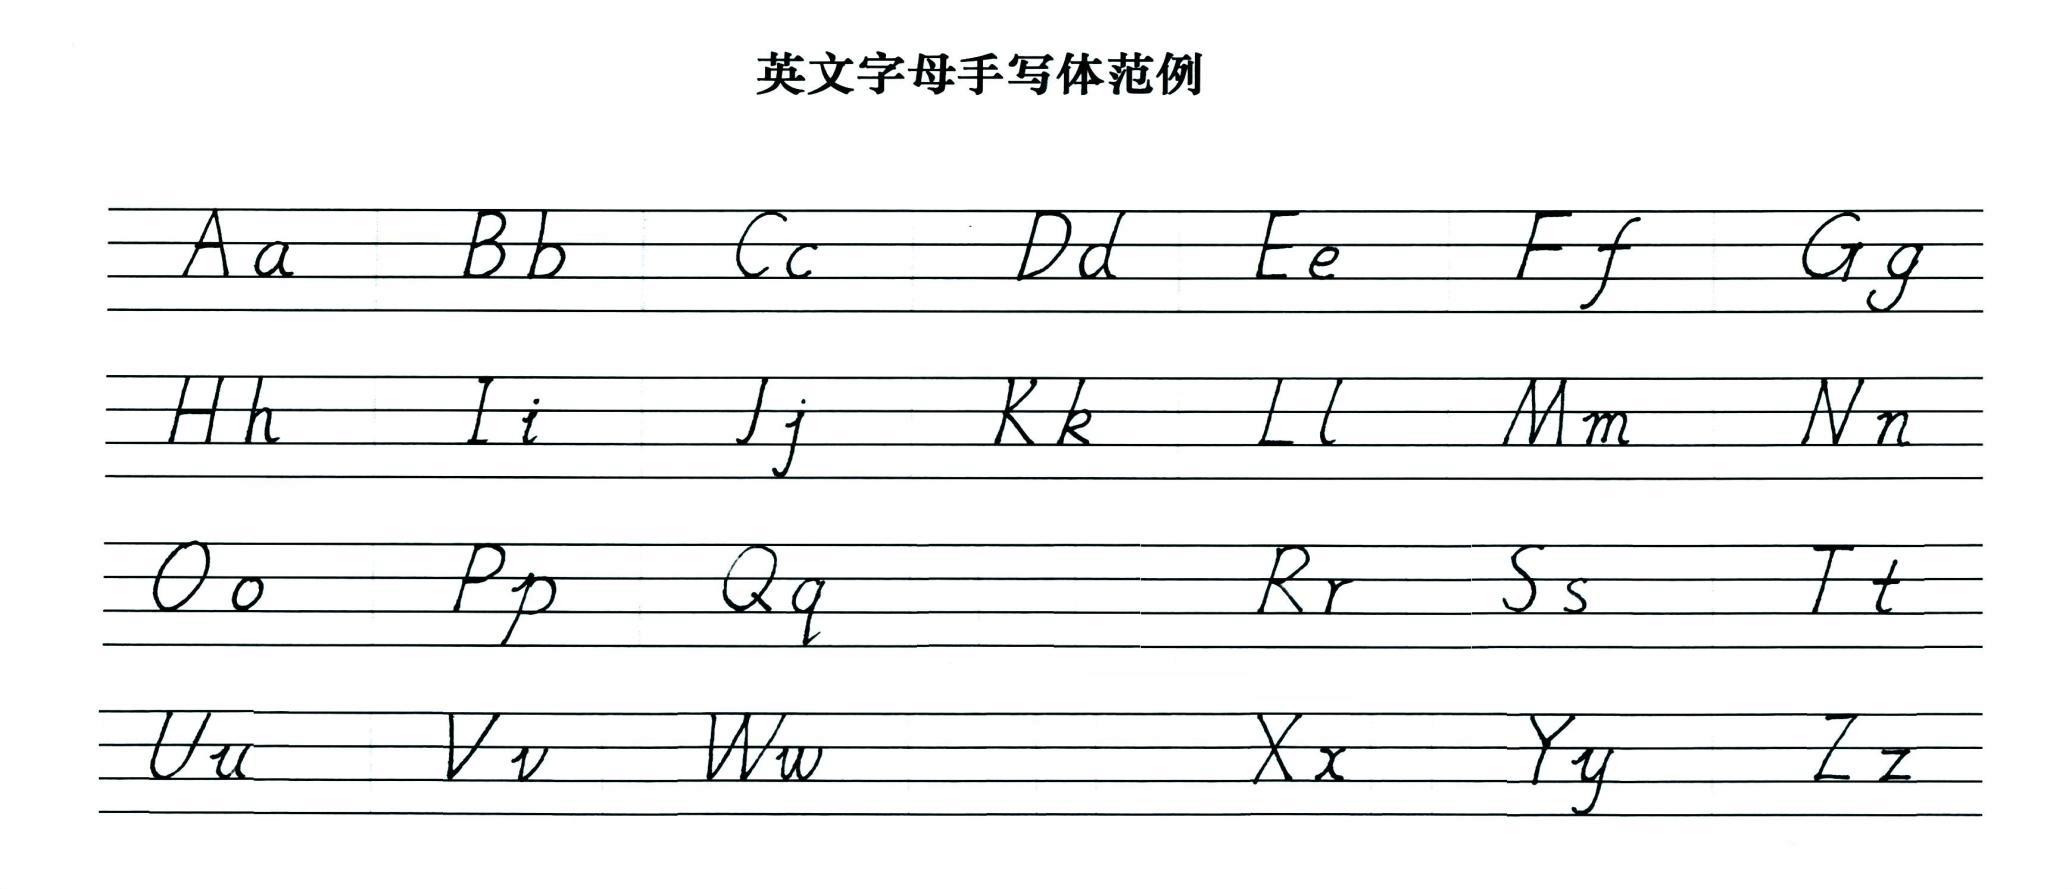 26个字母规范书写字帖& 英语书写规范要求- 豆丁网